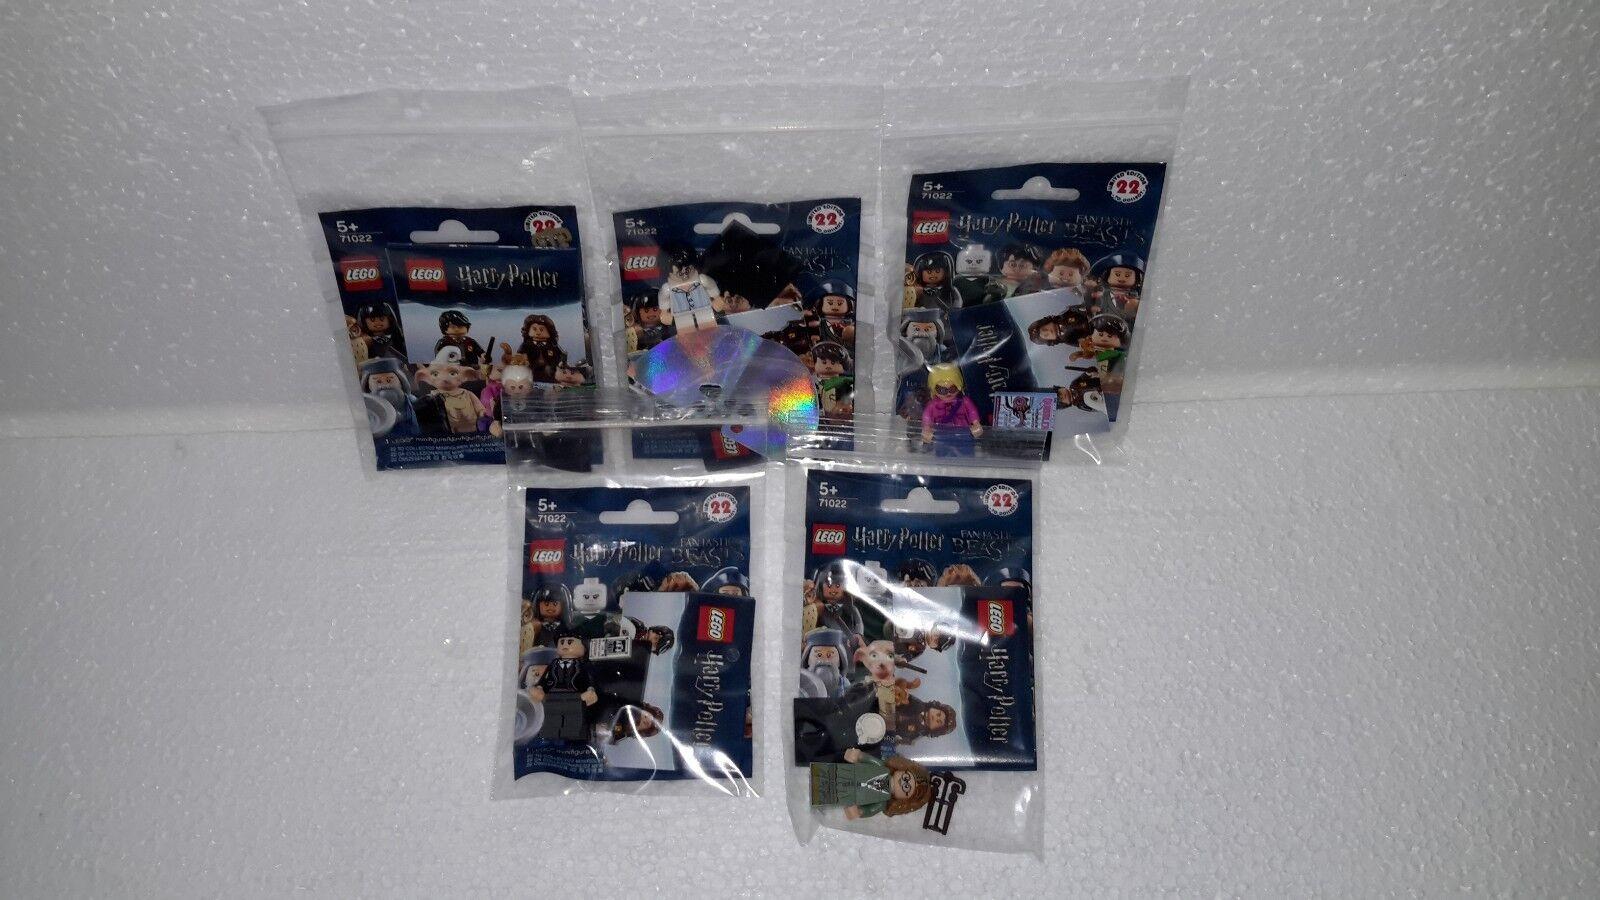 LEGO 71022 tutti 5 RARE Grindelwald Potter con mantellina/luna/Sybil Barebone